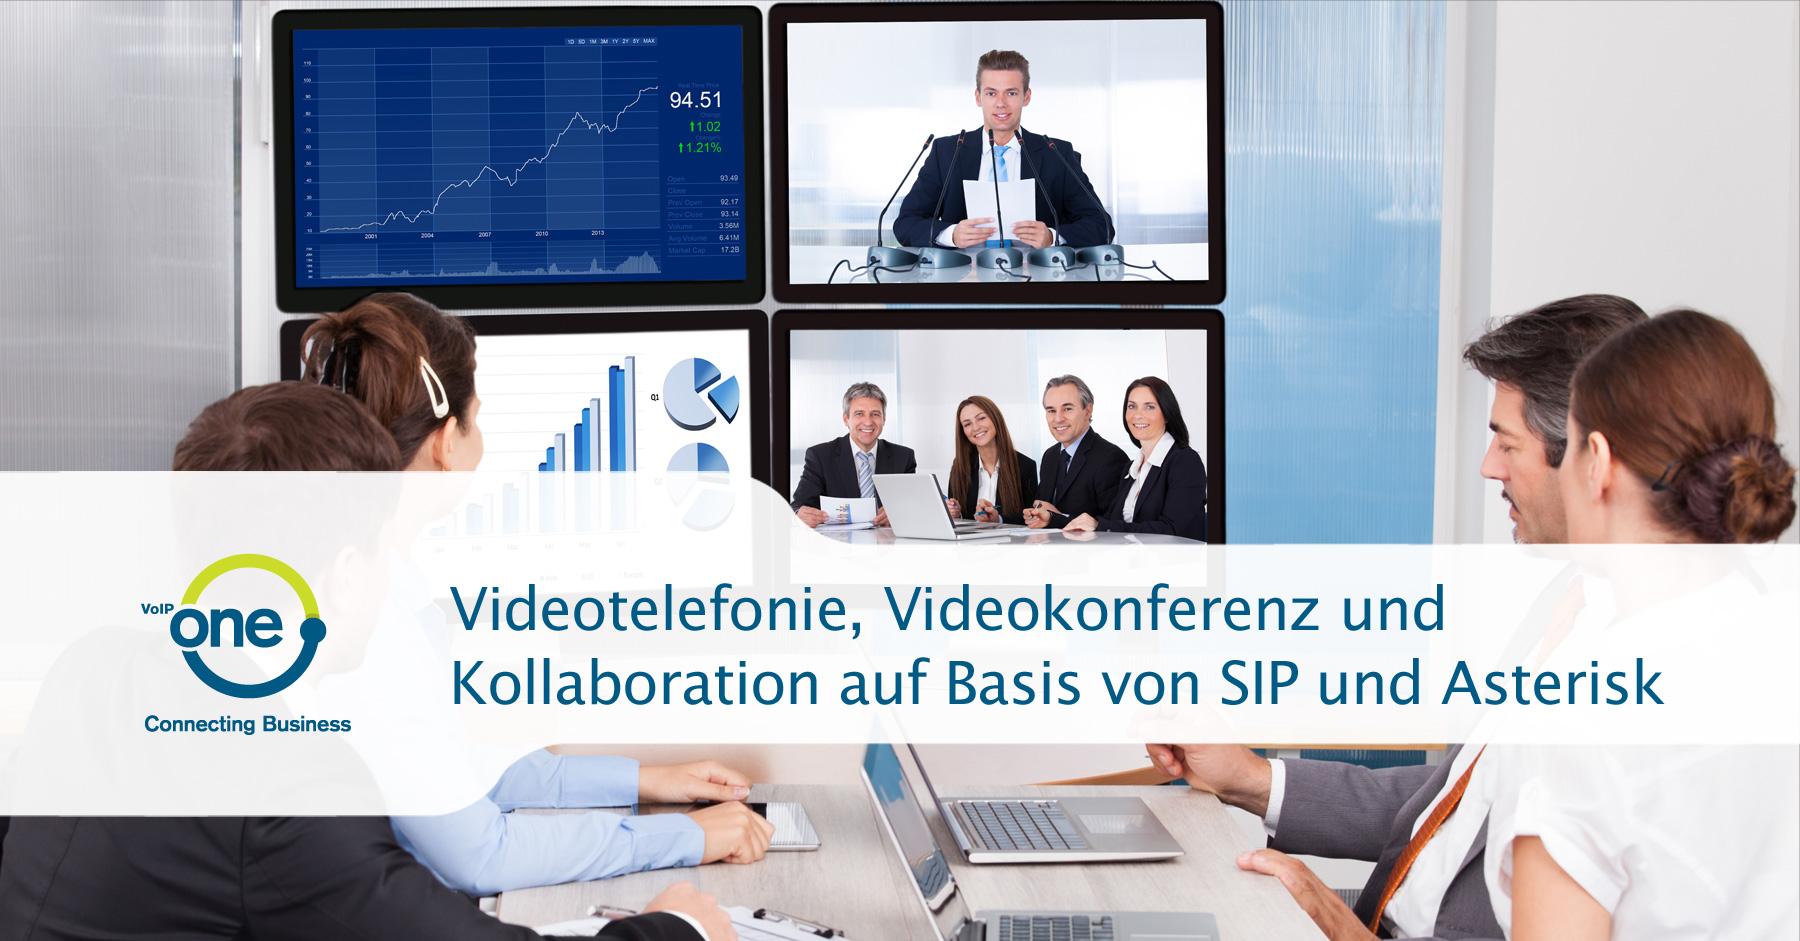 Asterisk Videotelefonie Videokonferenz SIP